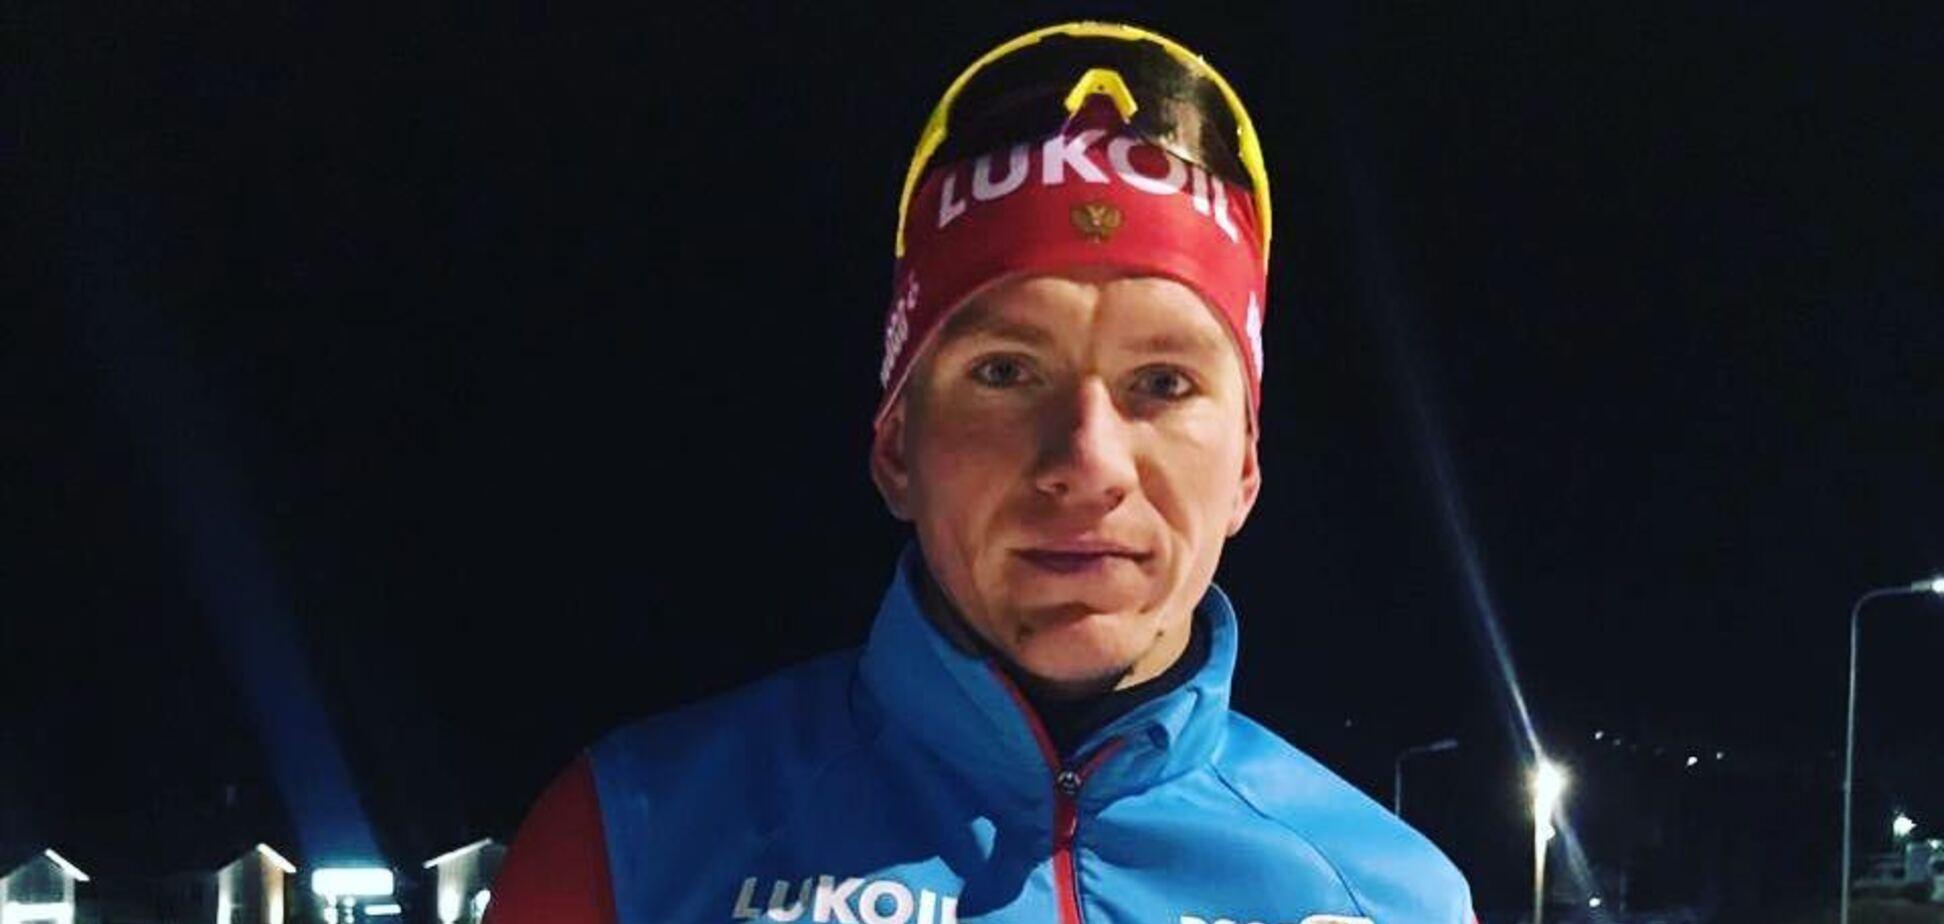 'Порошенко виноват': русскому олимпийцу не помогли соперники и он обиделся